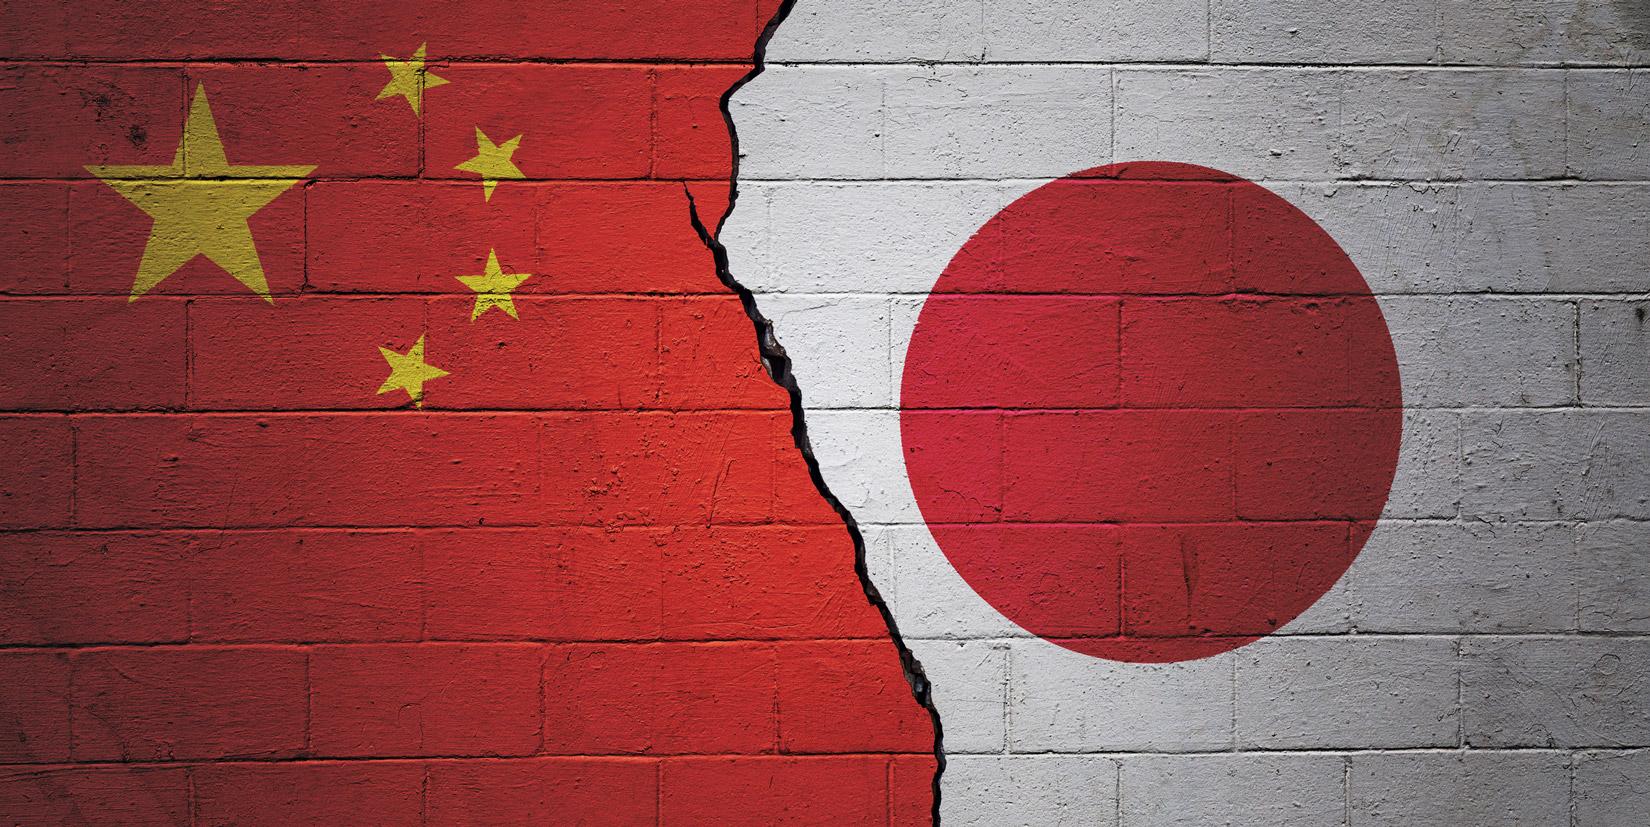 中国公船による尖閣諸島周辺の領海内への接近・侵入事案と日本政府の評価